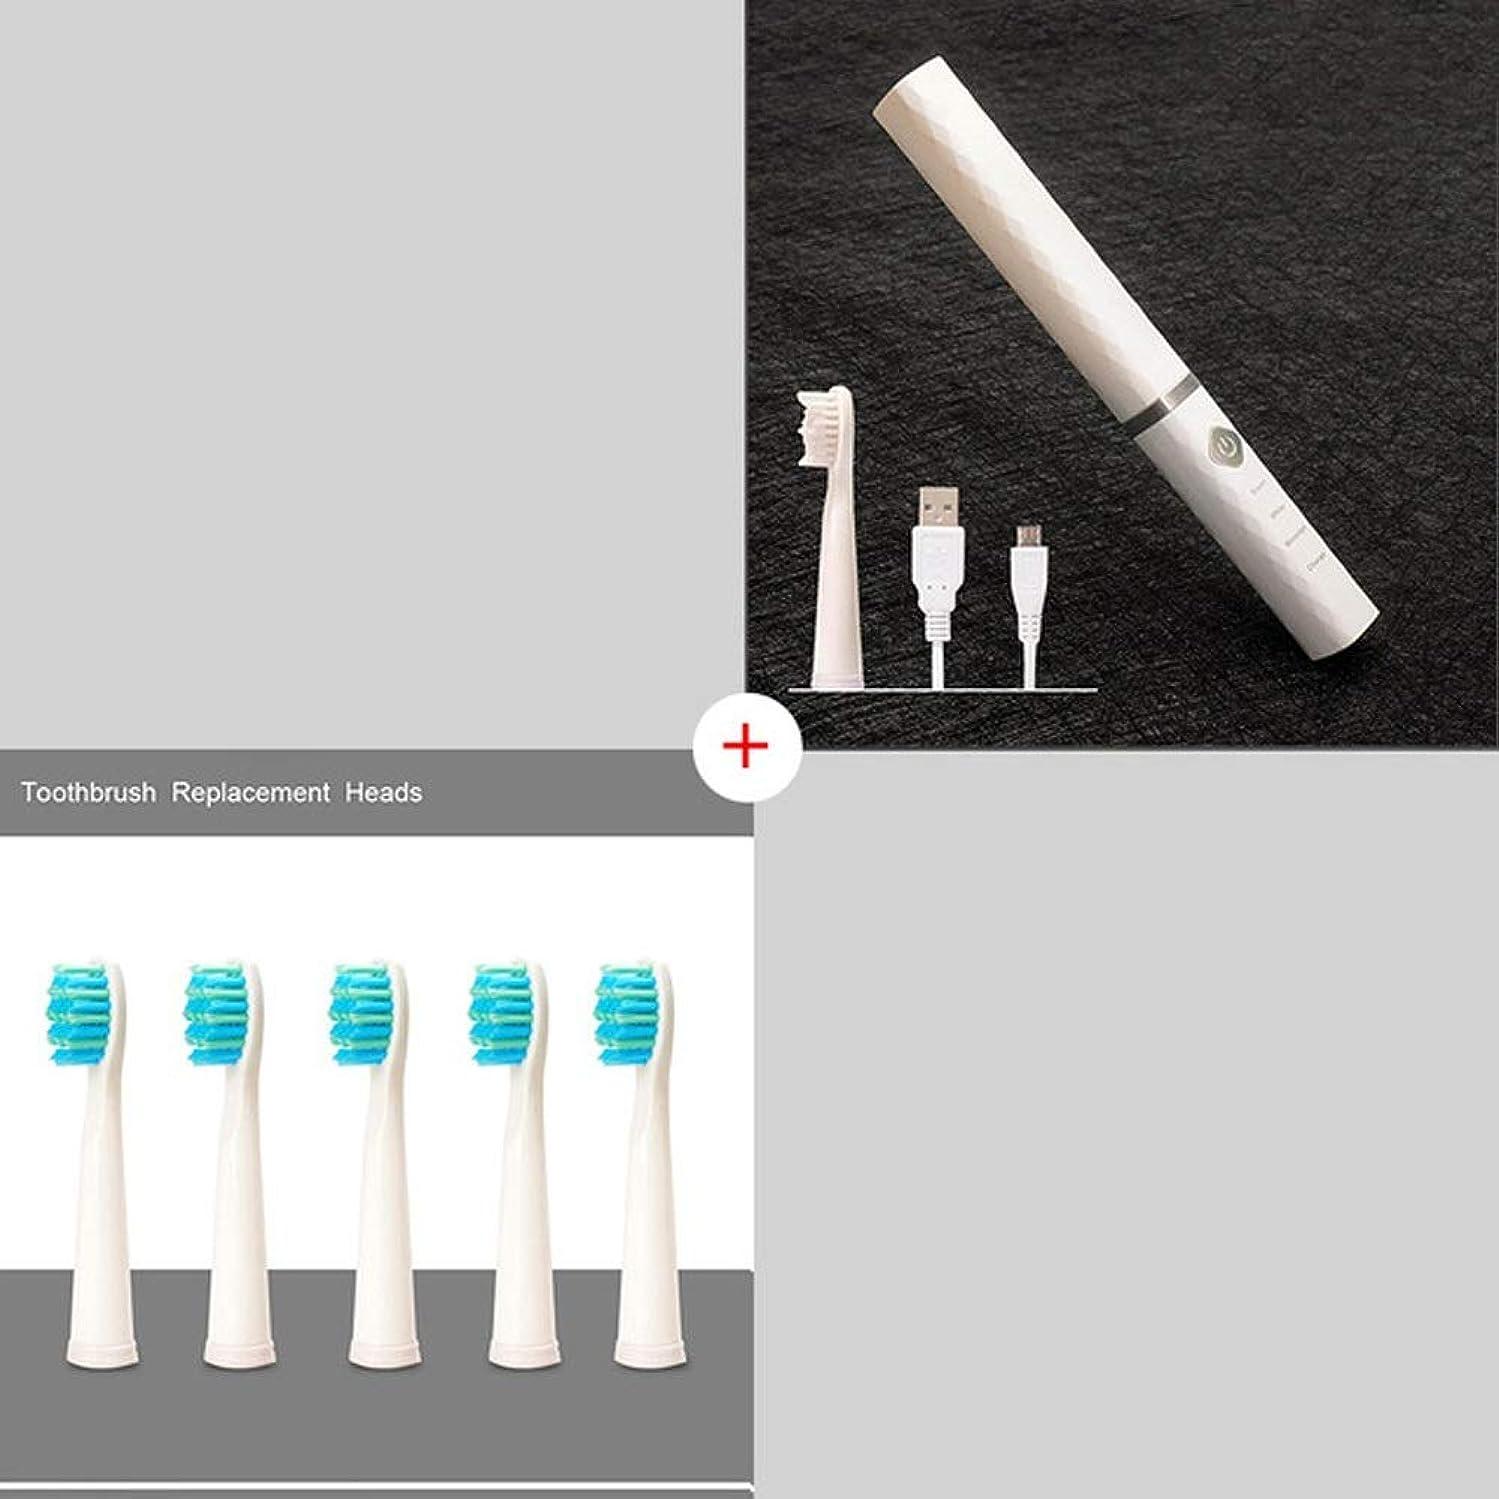 提出するロッカー海上BeTyd の電動歯ブラシきれいな白くなる歯携帯用電動歯ブラシファッションデザインスマートチップ充電式 (Color : White5Heads)